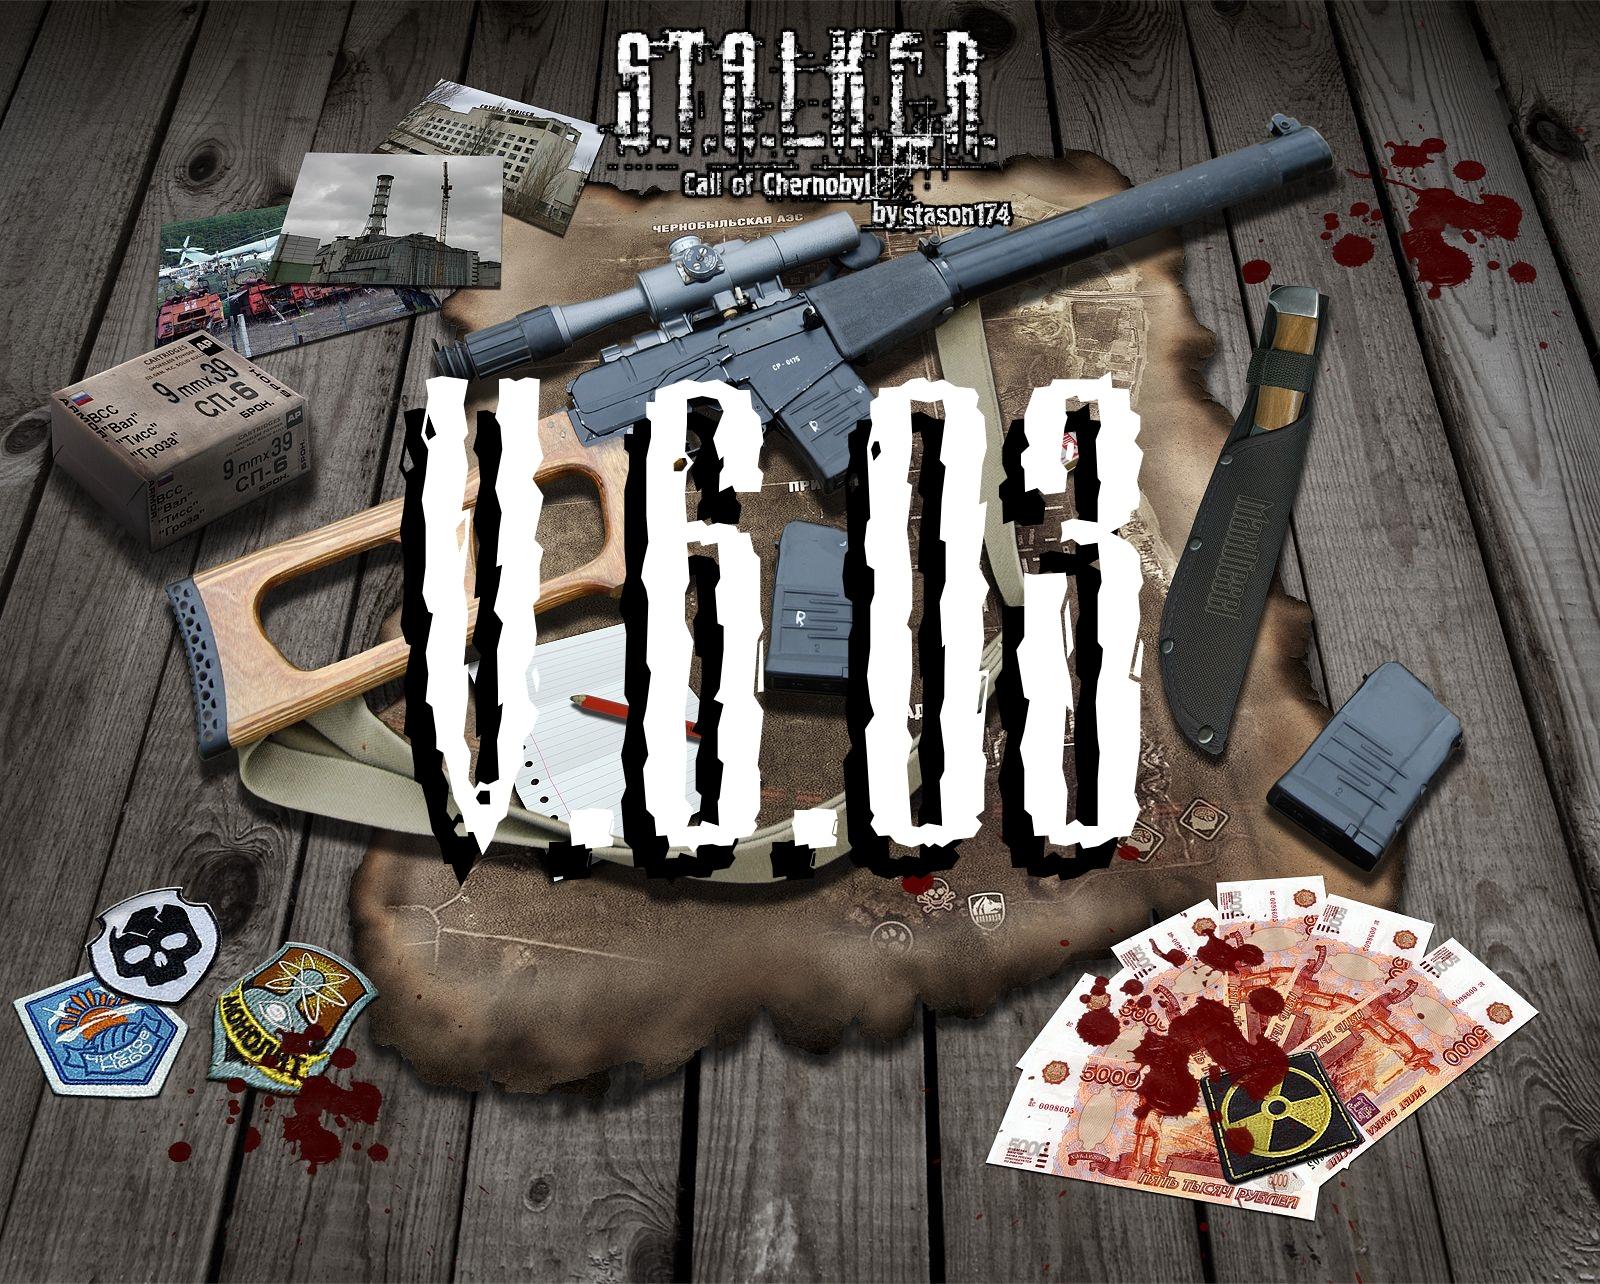 S.T.A.L.K.E.R. - Call of Chernobyl [1.4.22] by stason174 [v.6.03]